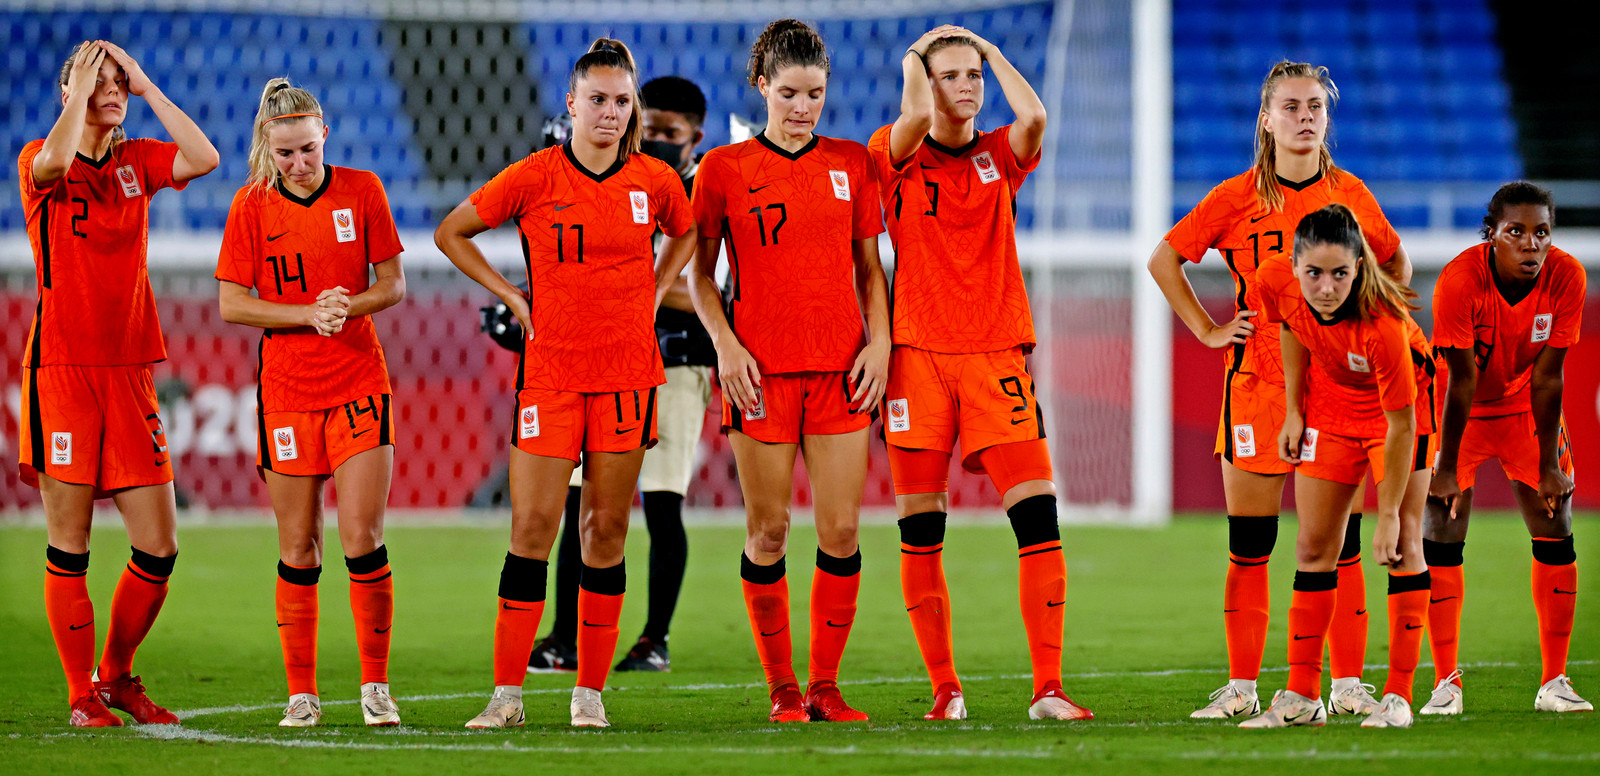 Voetbalsters van Nederland vlak na de uitschakeling tegen de Verenigde Staten.